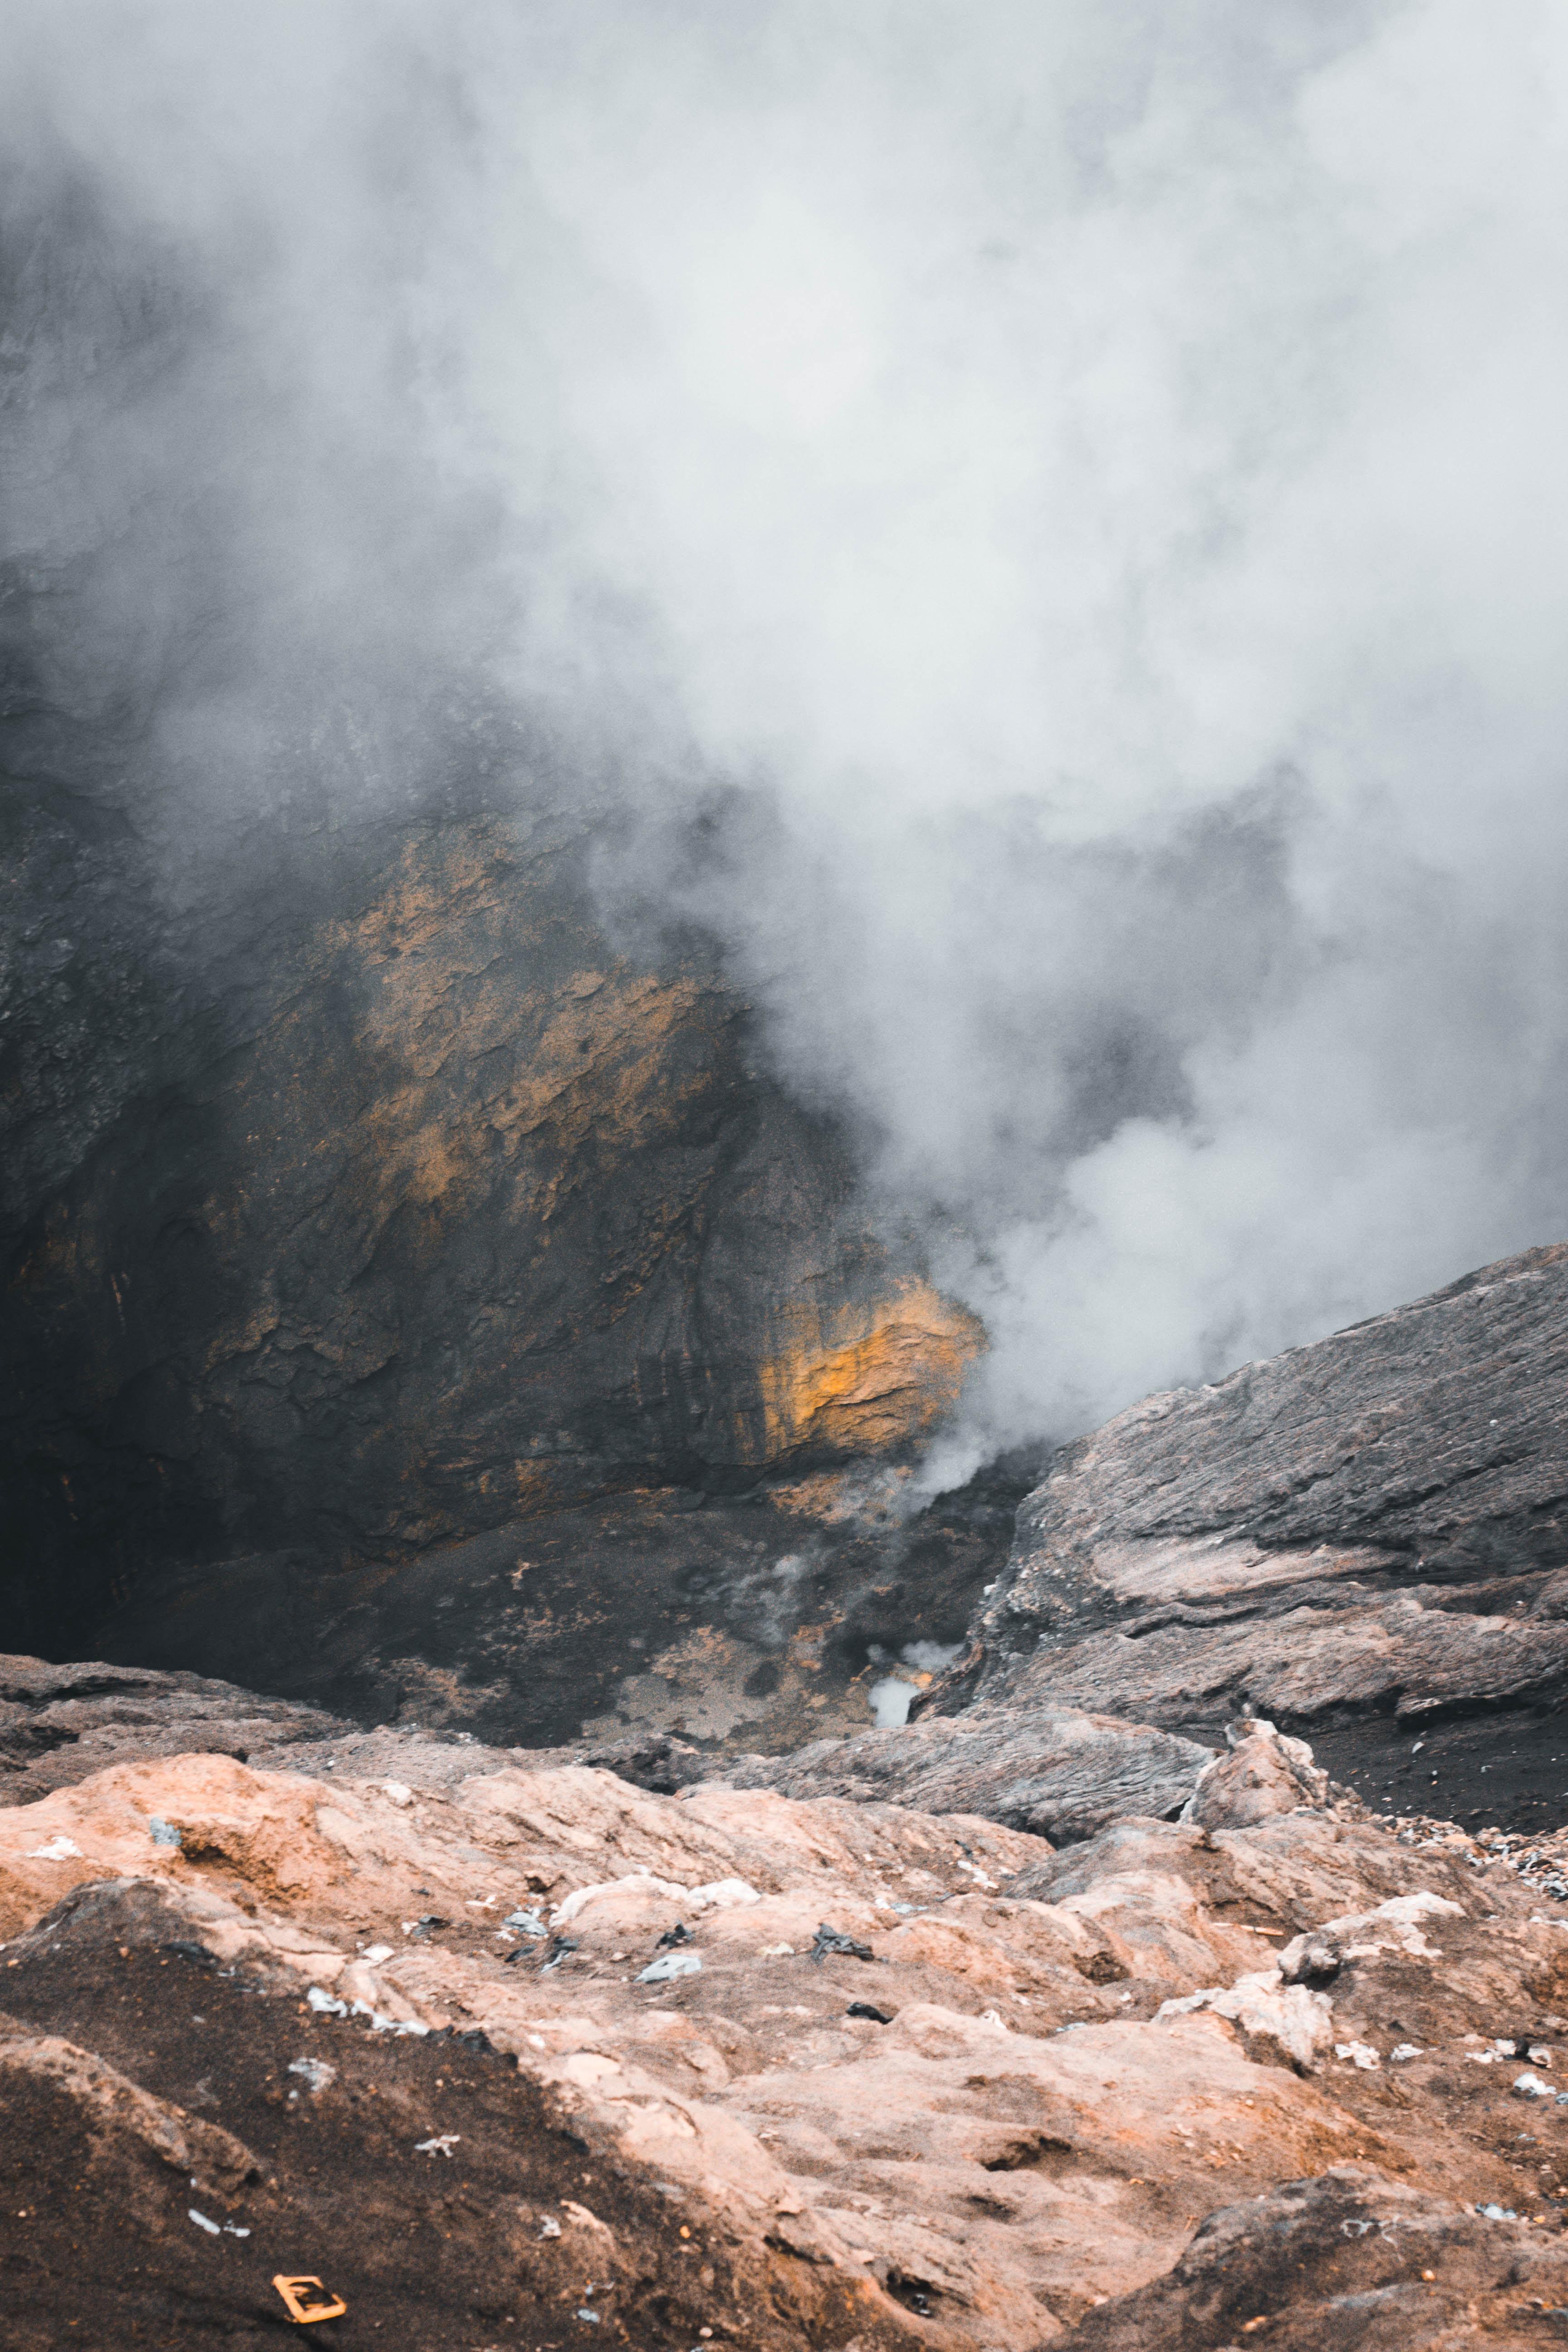 smoke coming from rock mountain